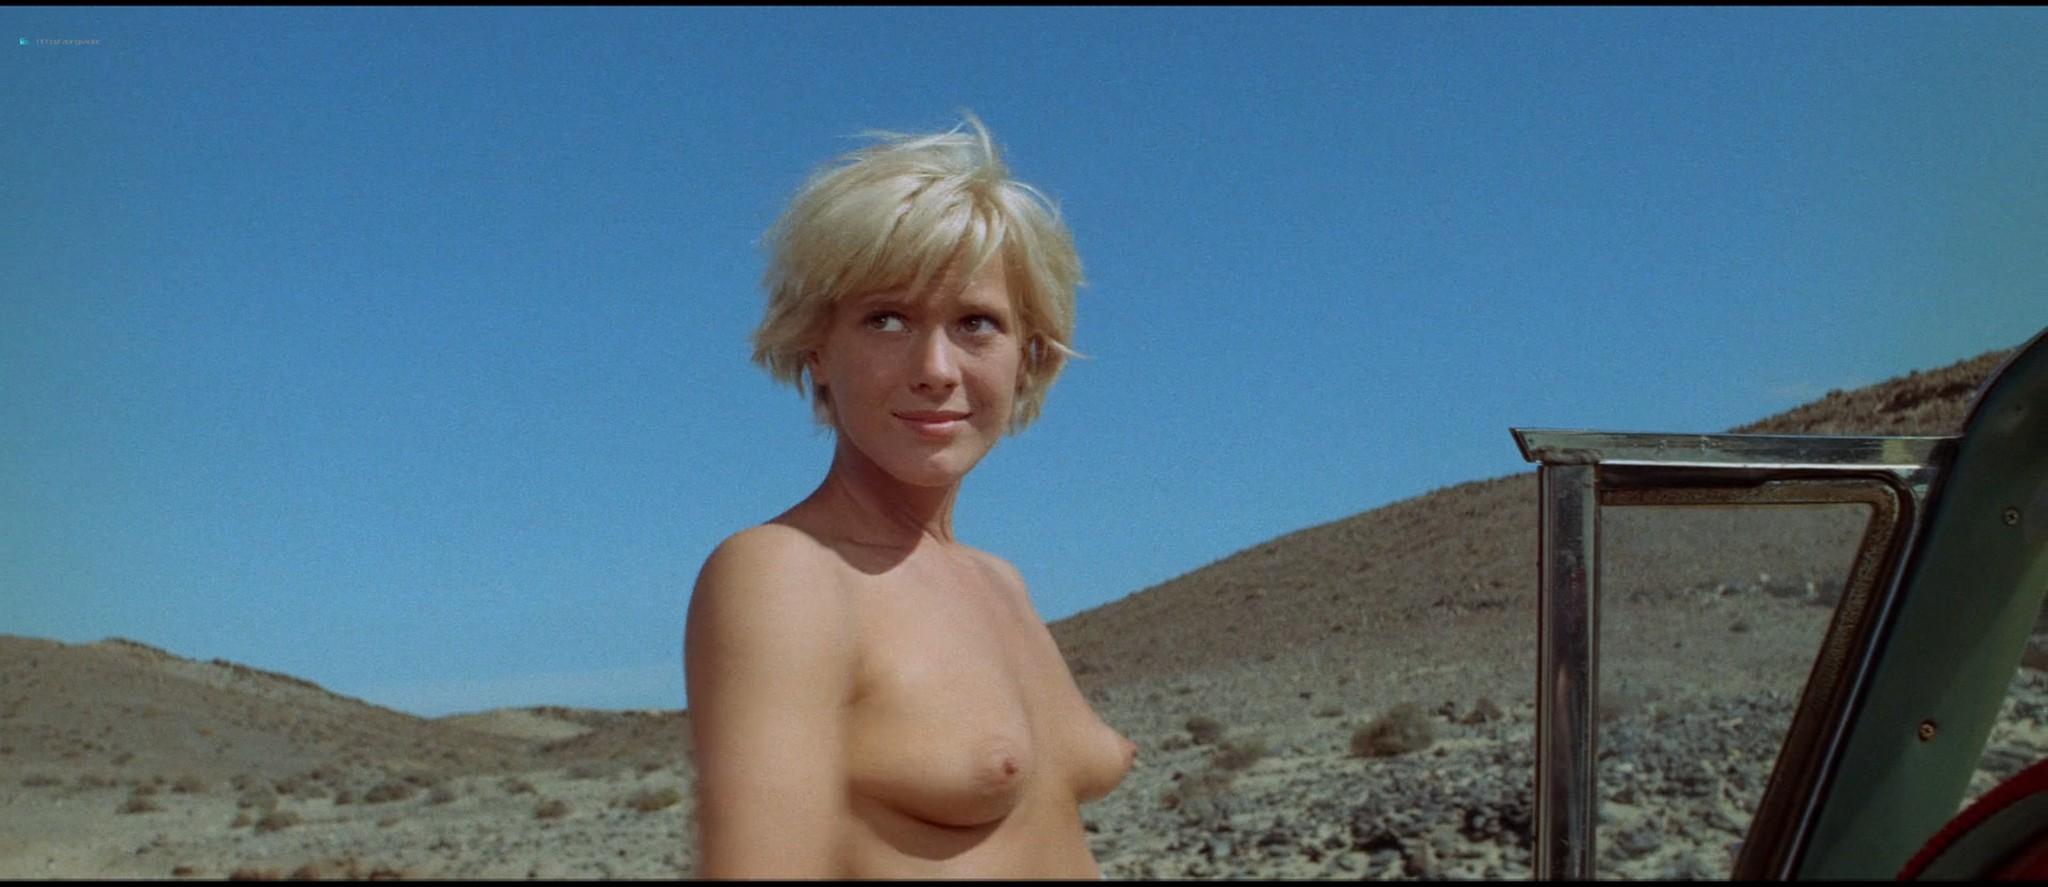 Mimsy Farmer nude full frontal - La Route de Salina (1970) HD 1080p Bluray (17)